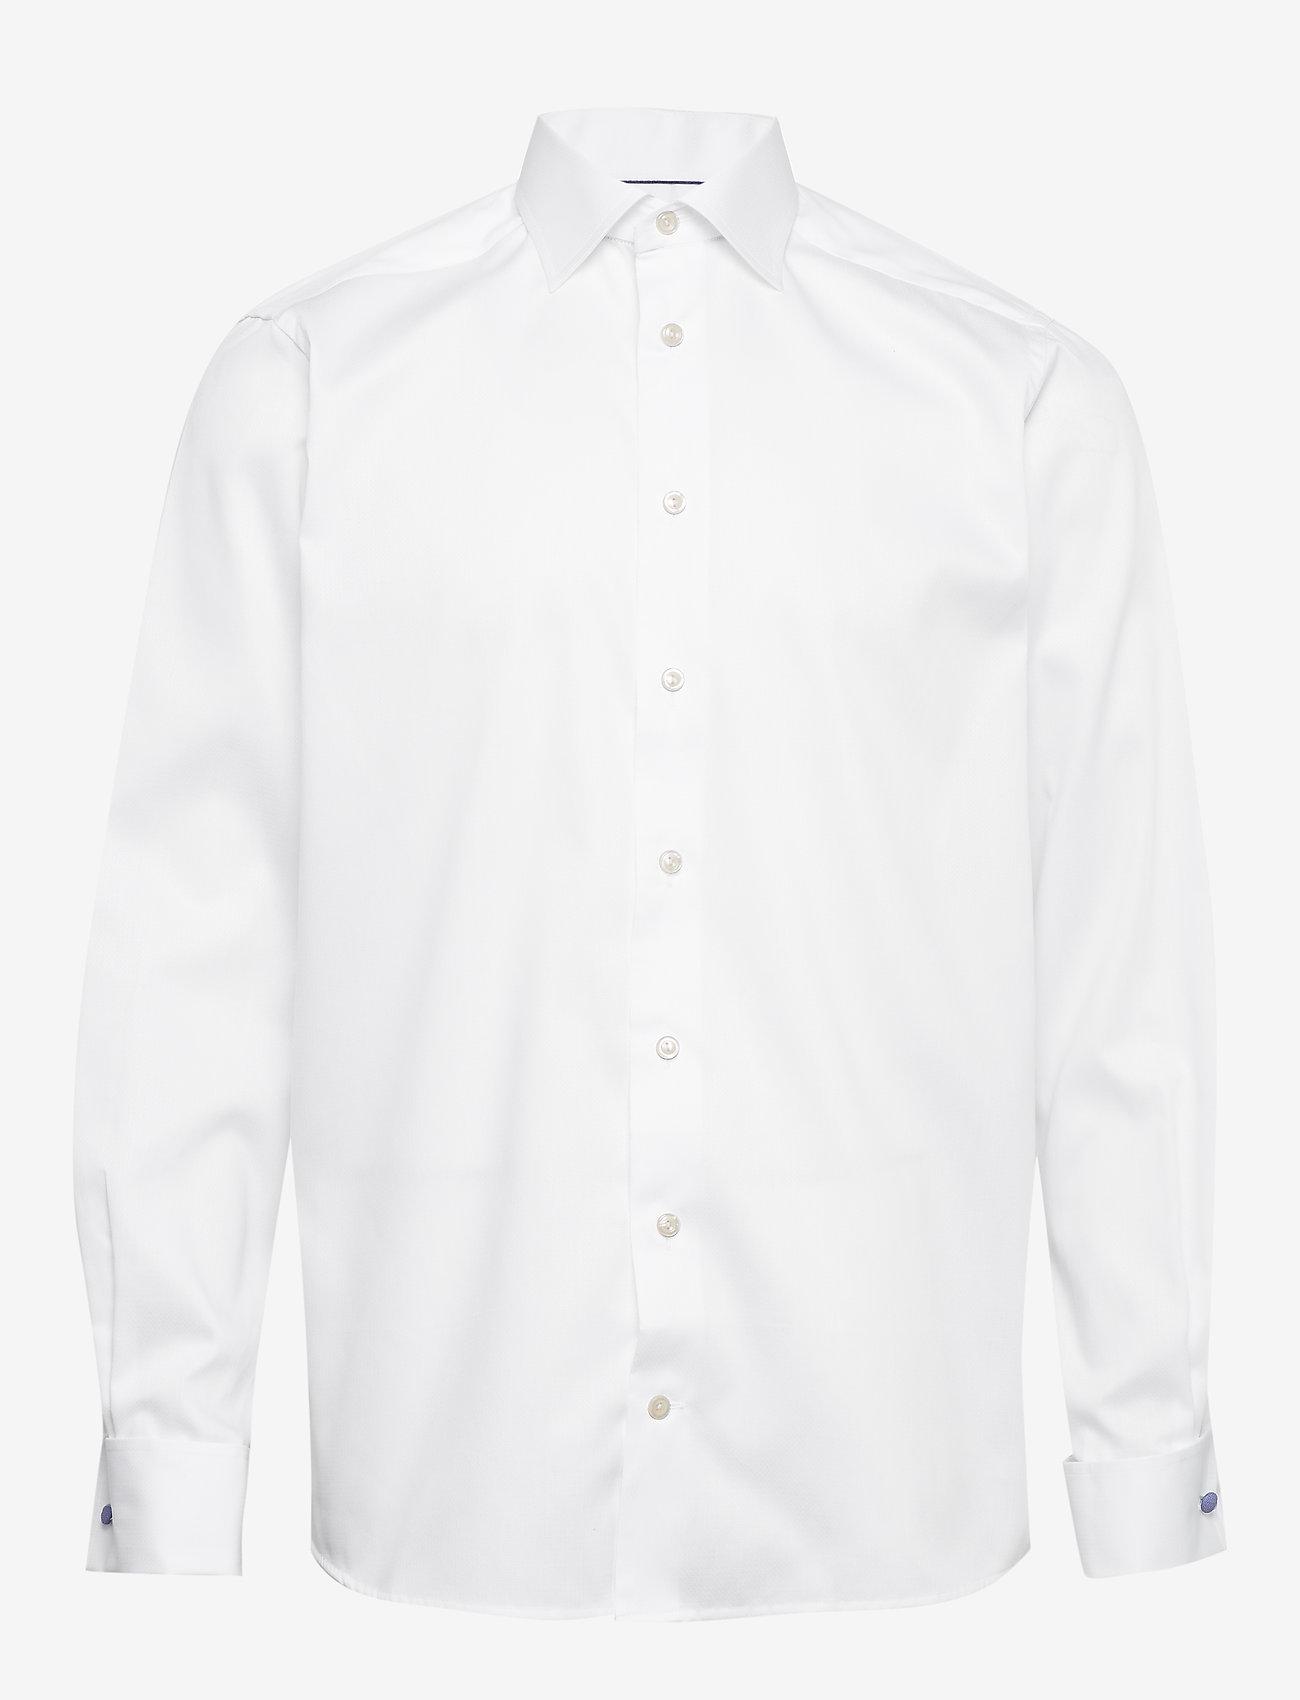 White Smokingskjorte | Eton | Dress skjorter | Miinto.no